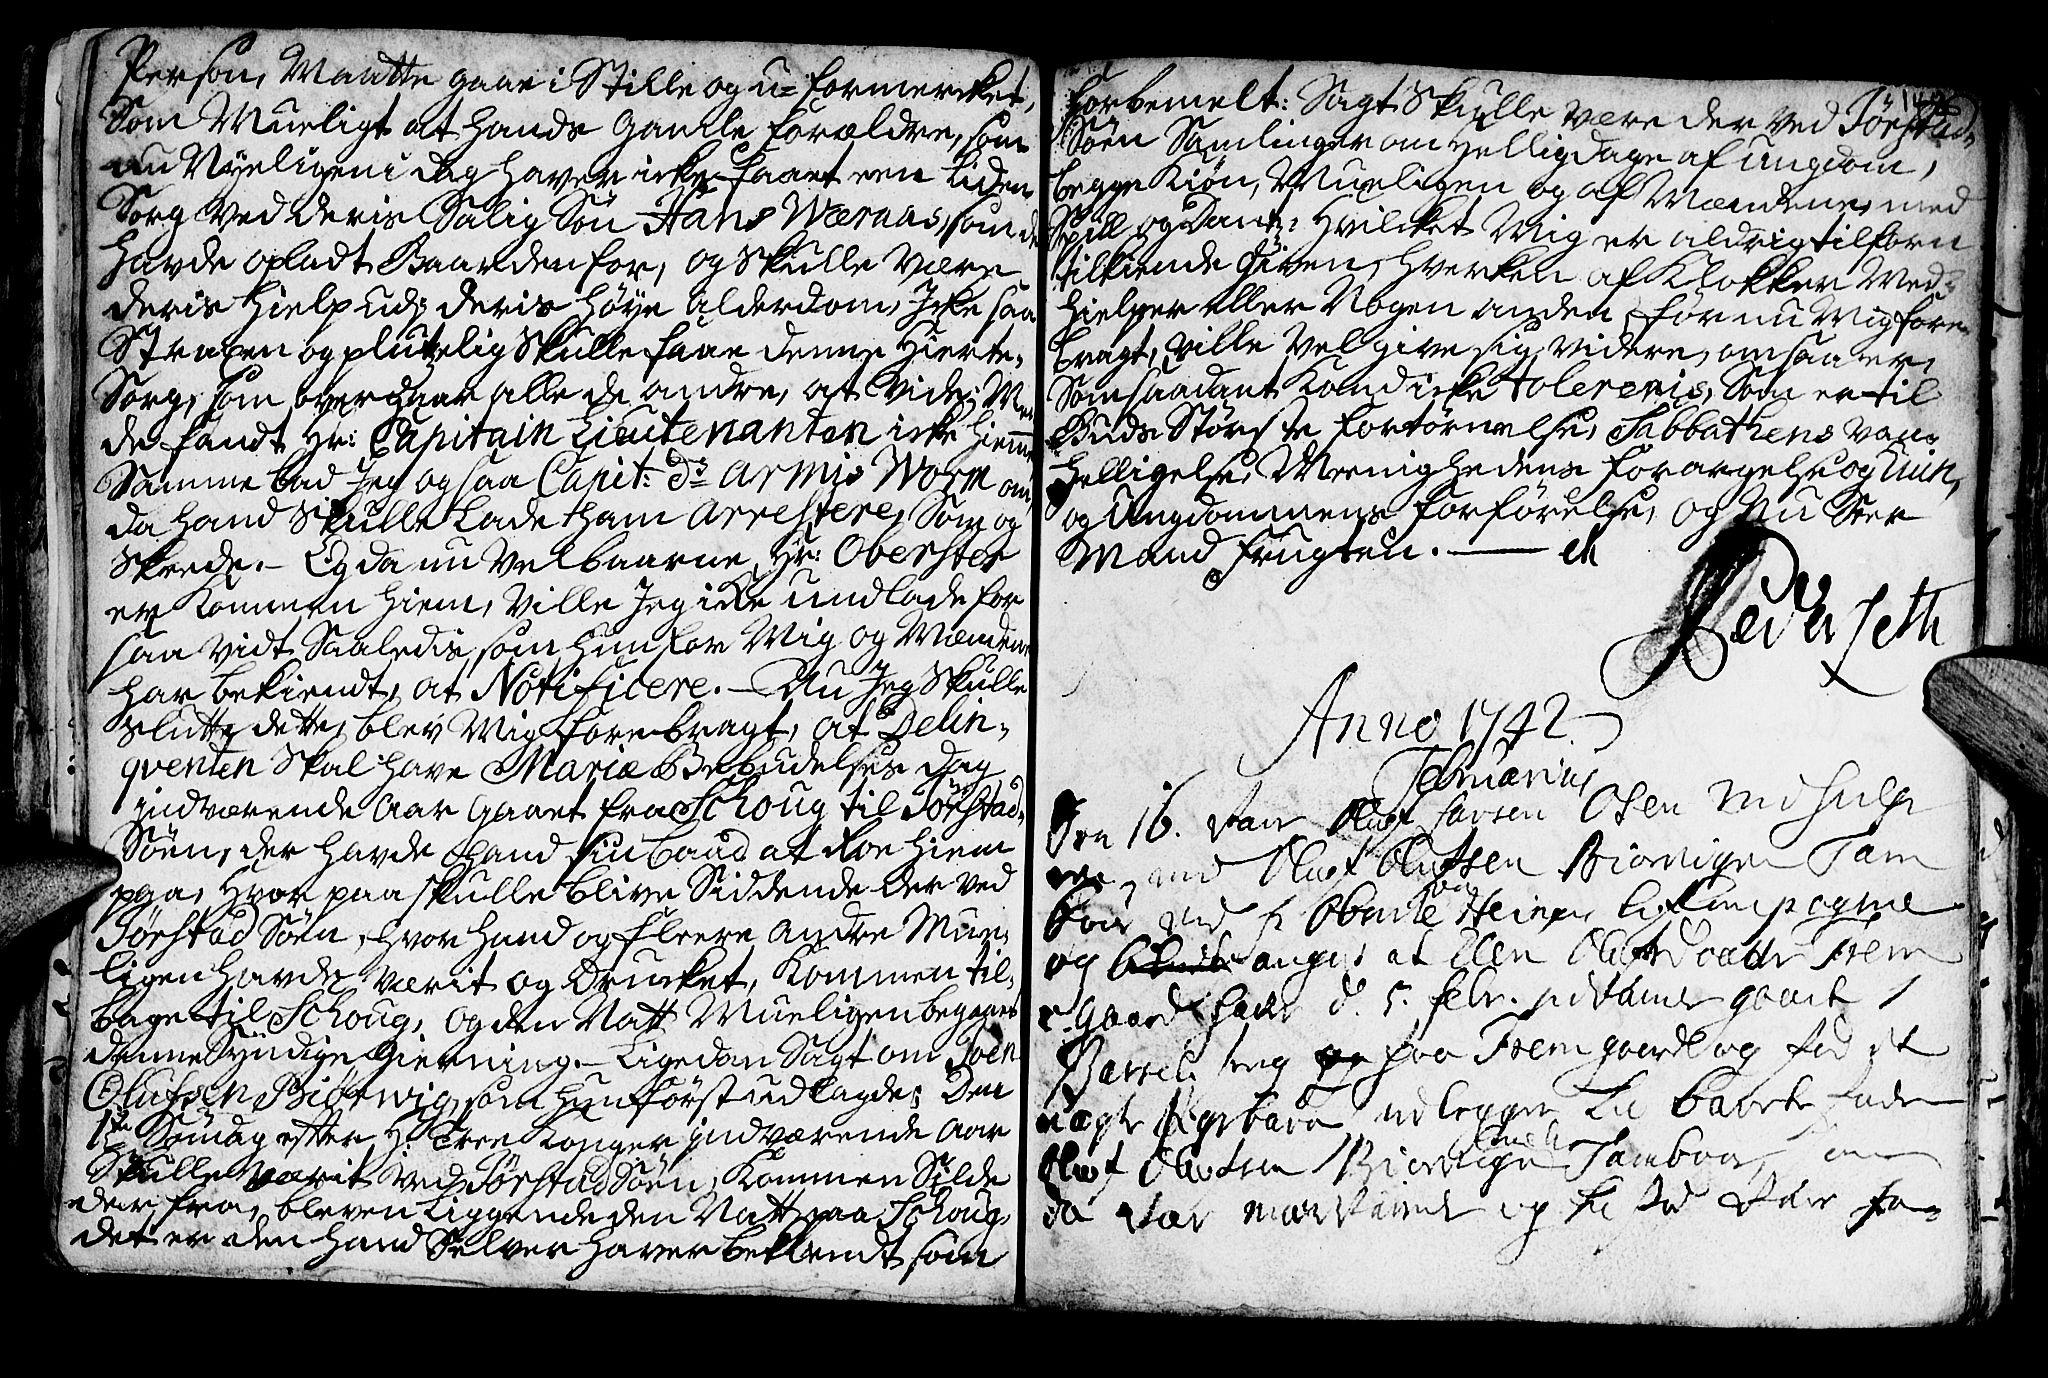 SAT, Ministerialprotokoller, klokkerbøker og fødselsregistre - Nord-Trøndelag, 722/L0215: Ministerialbok nr. 722A02, 1718-1755, s. 148